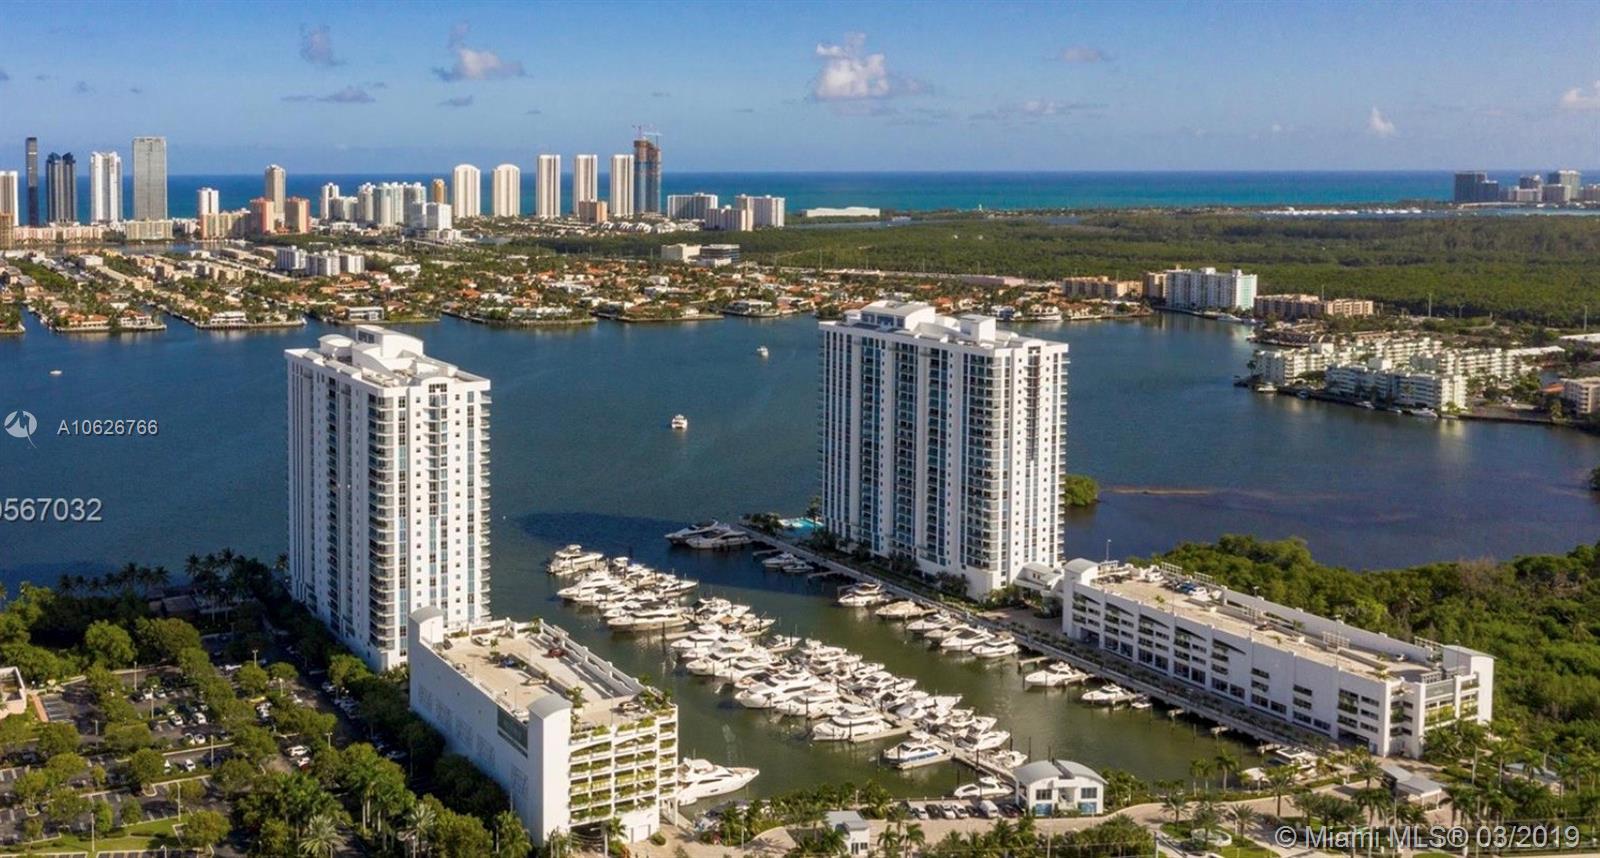 17301 Biscayne Blvd 910, North Miami Beach, FL 33160